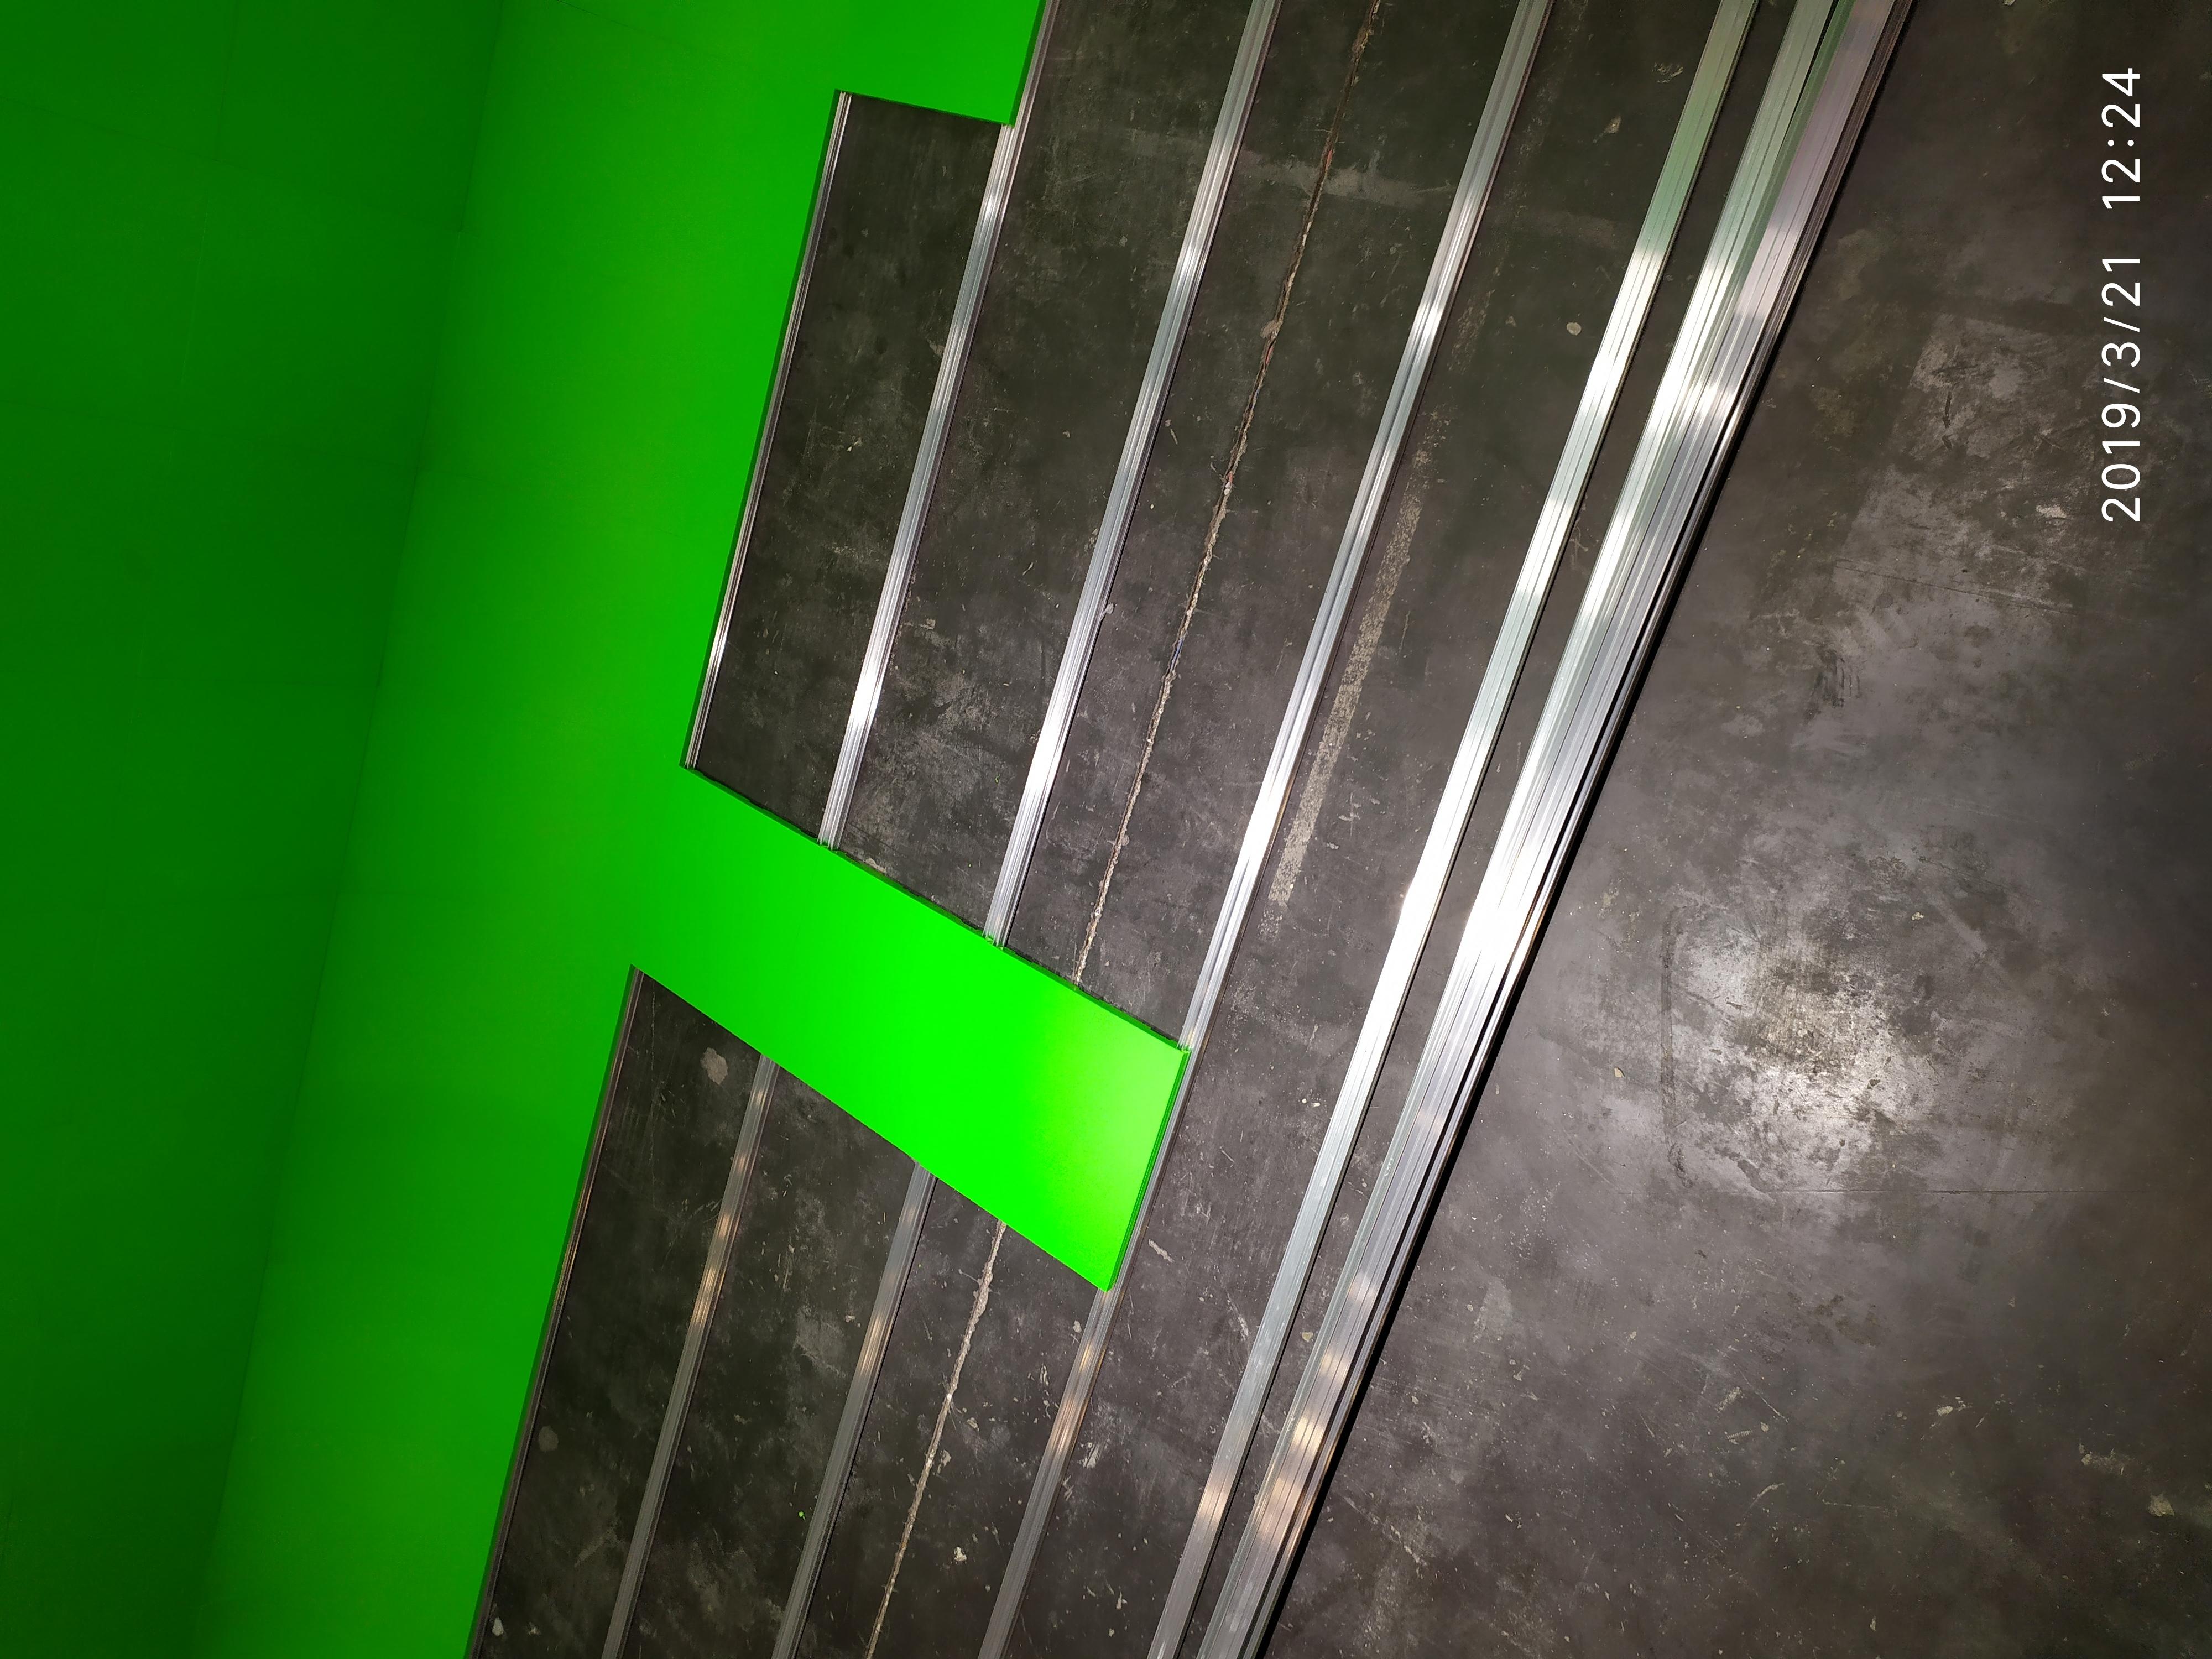 演播室抠像蓝箱一定需要铺抠像地胶吗(图2)